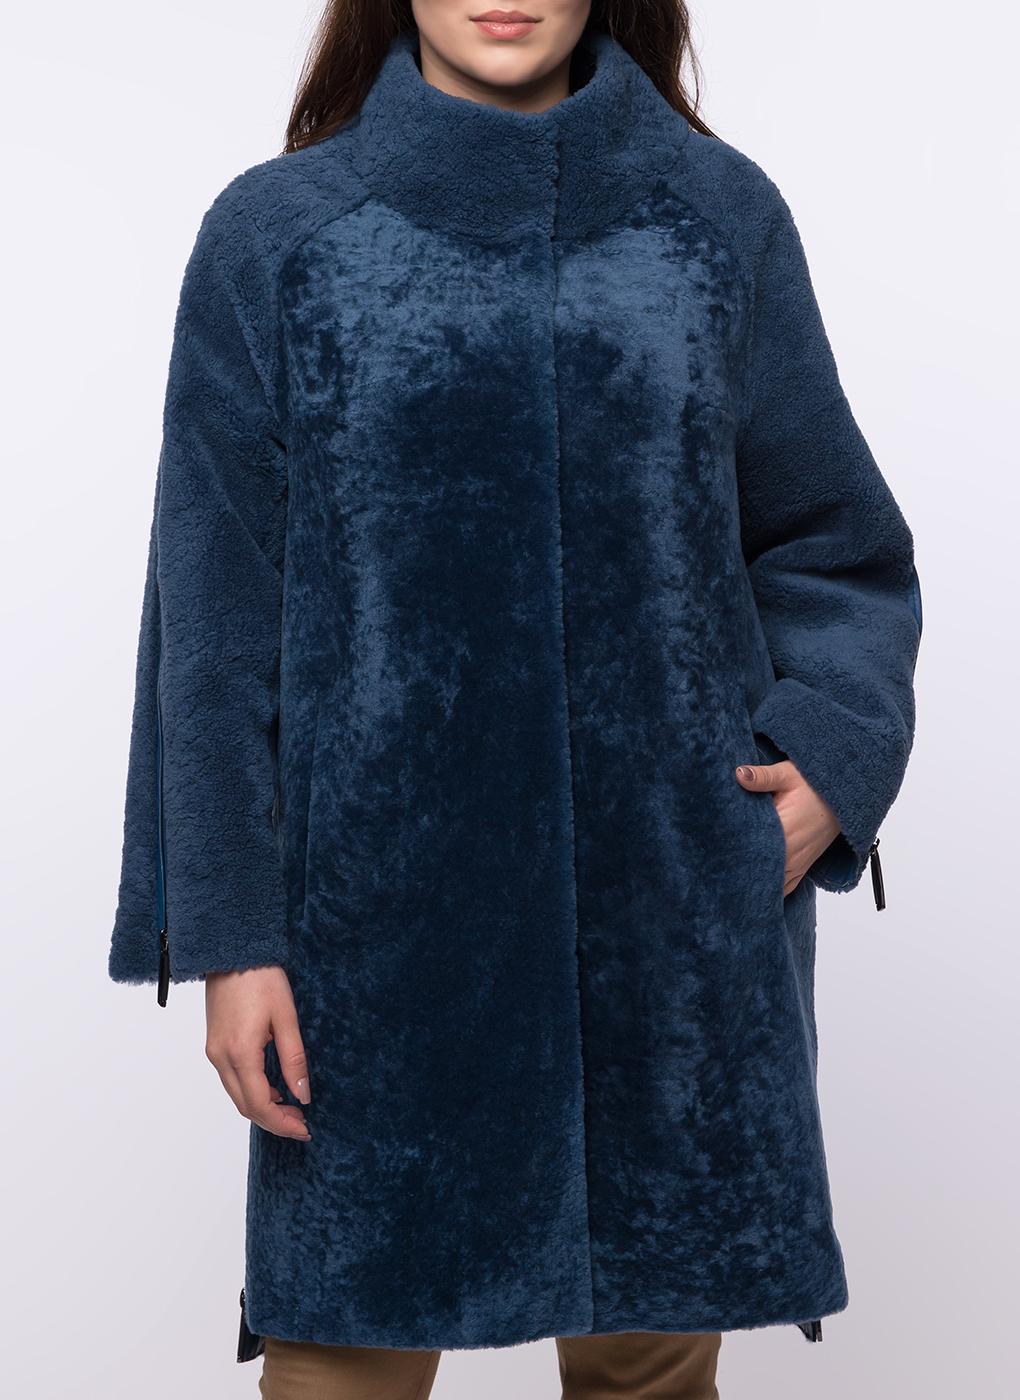 Пальто прямое из овчины керли 08, Favorit